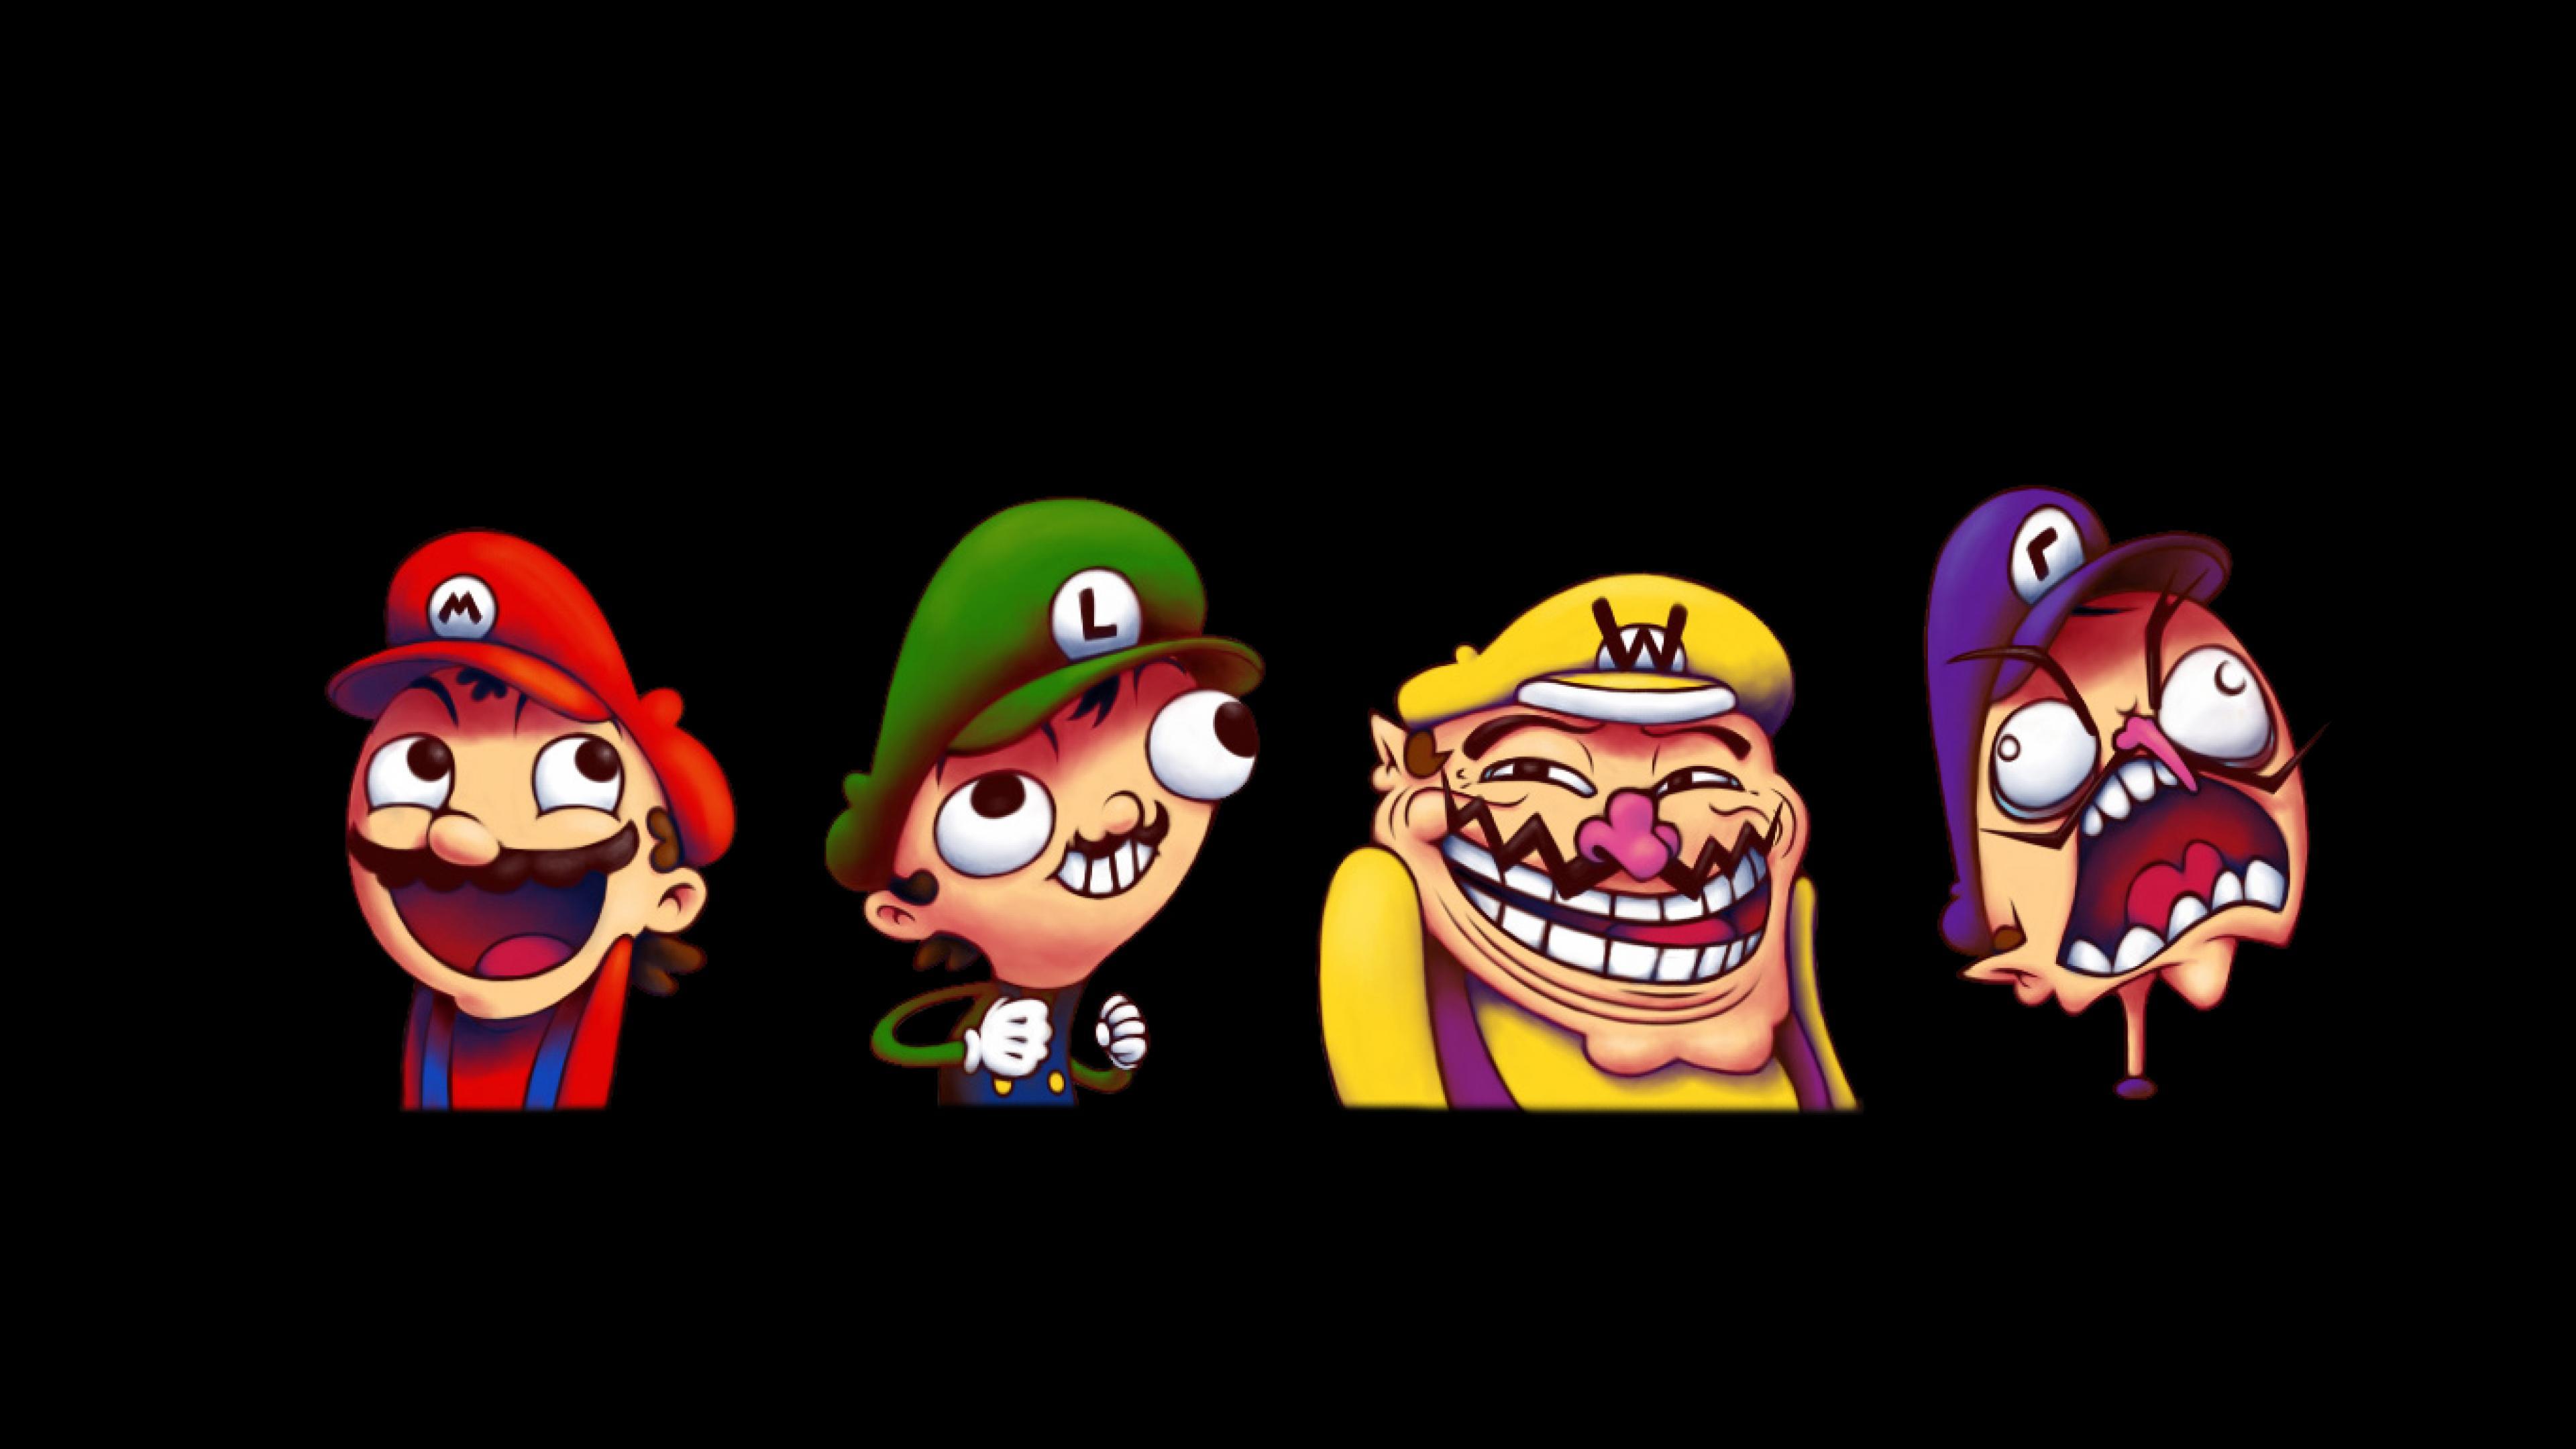 Free Download Mario Meme Luigi Wario Waluigi Oafh 3840x2160